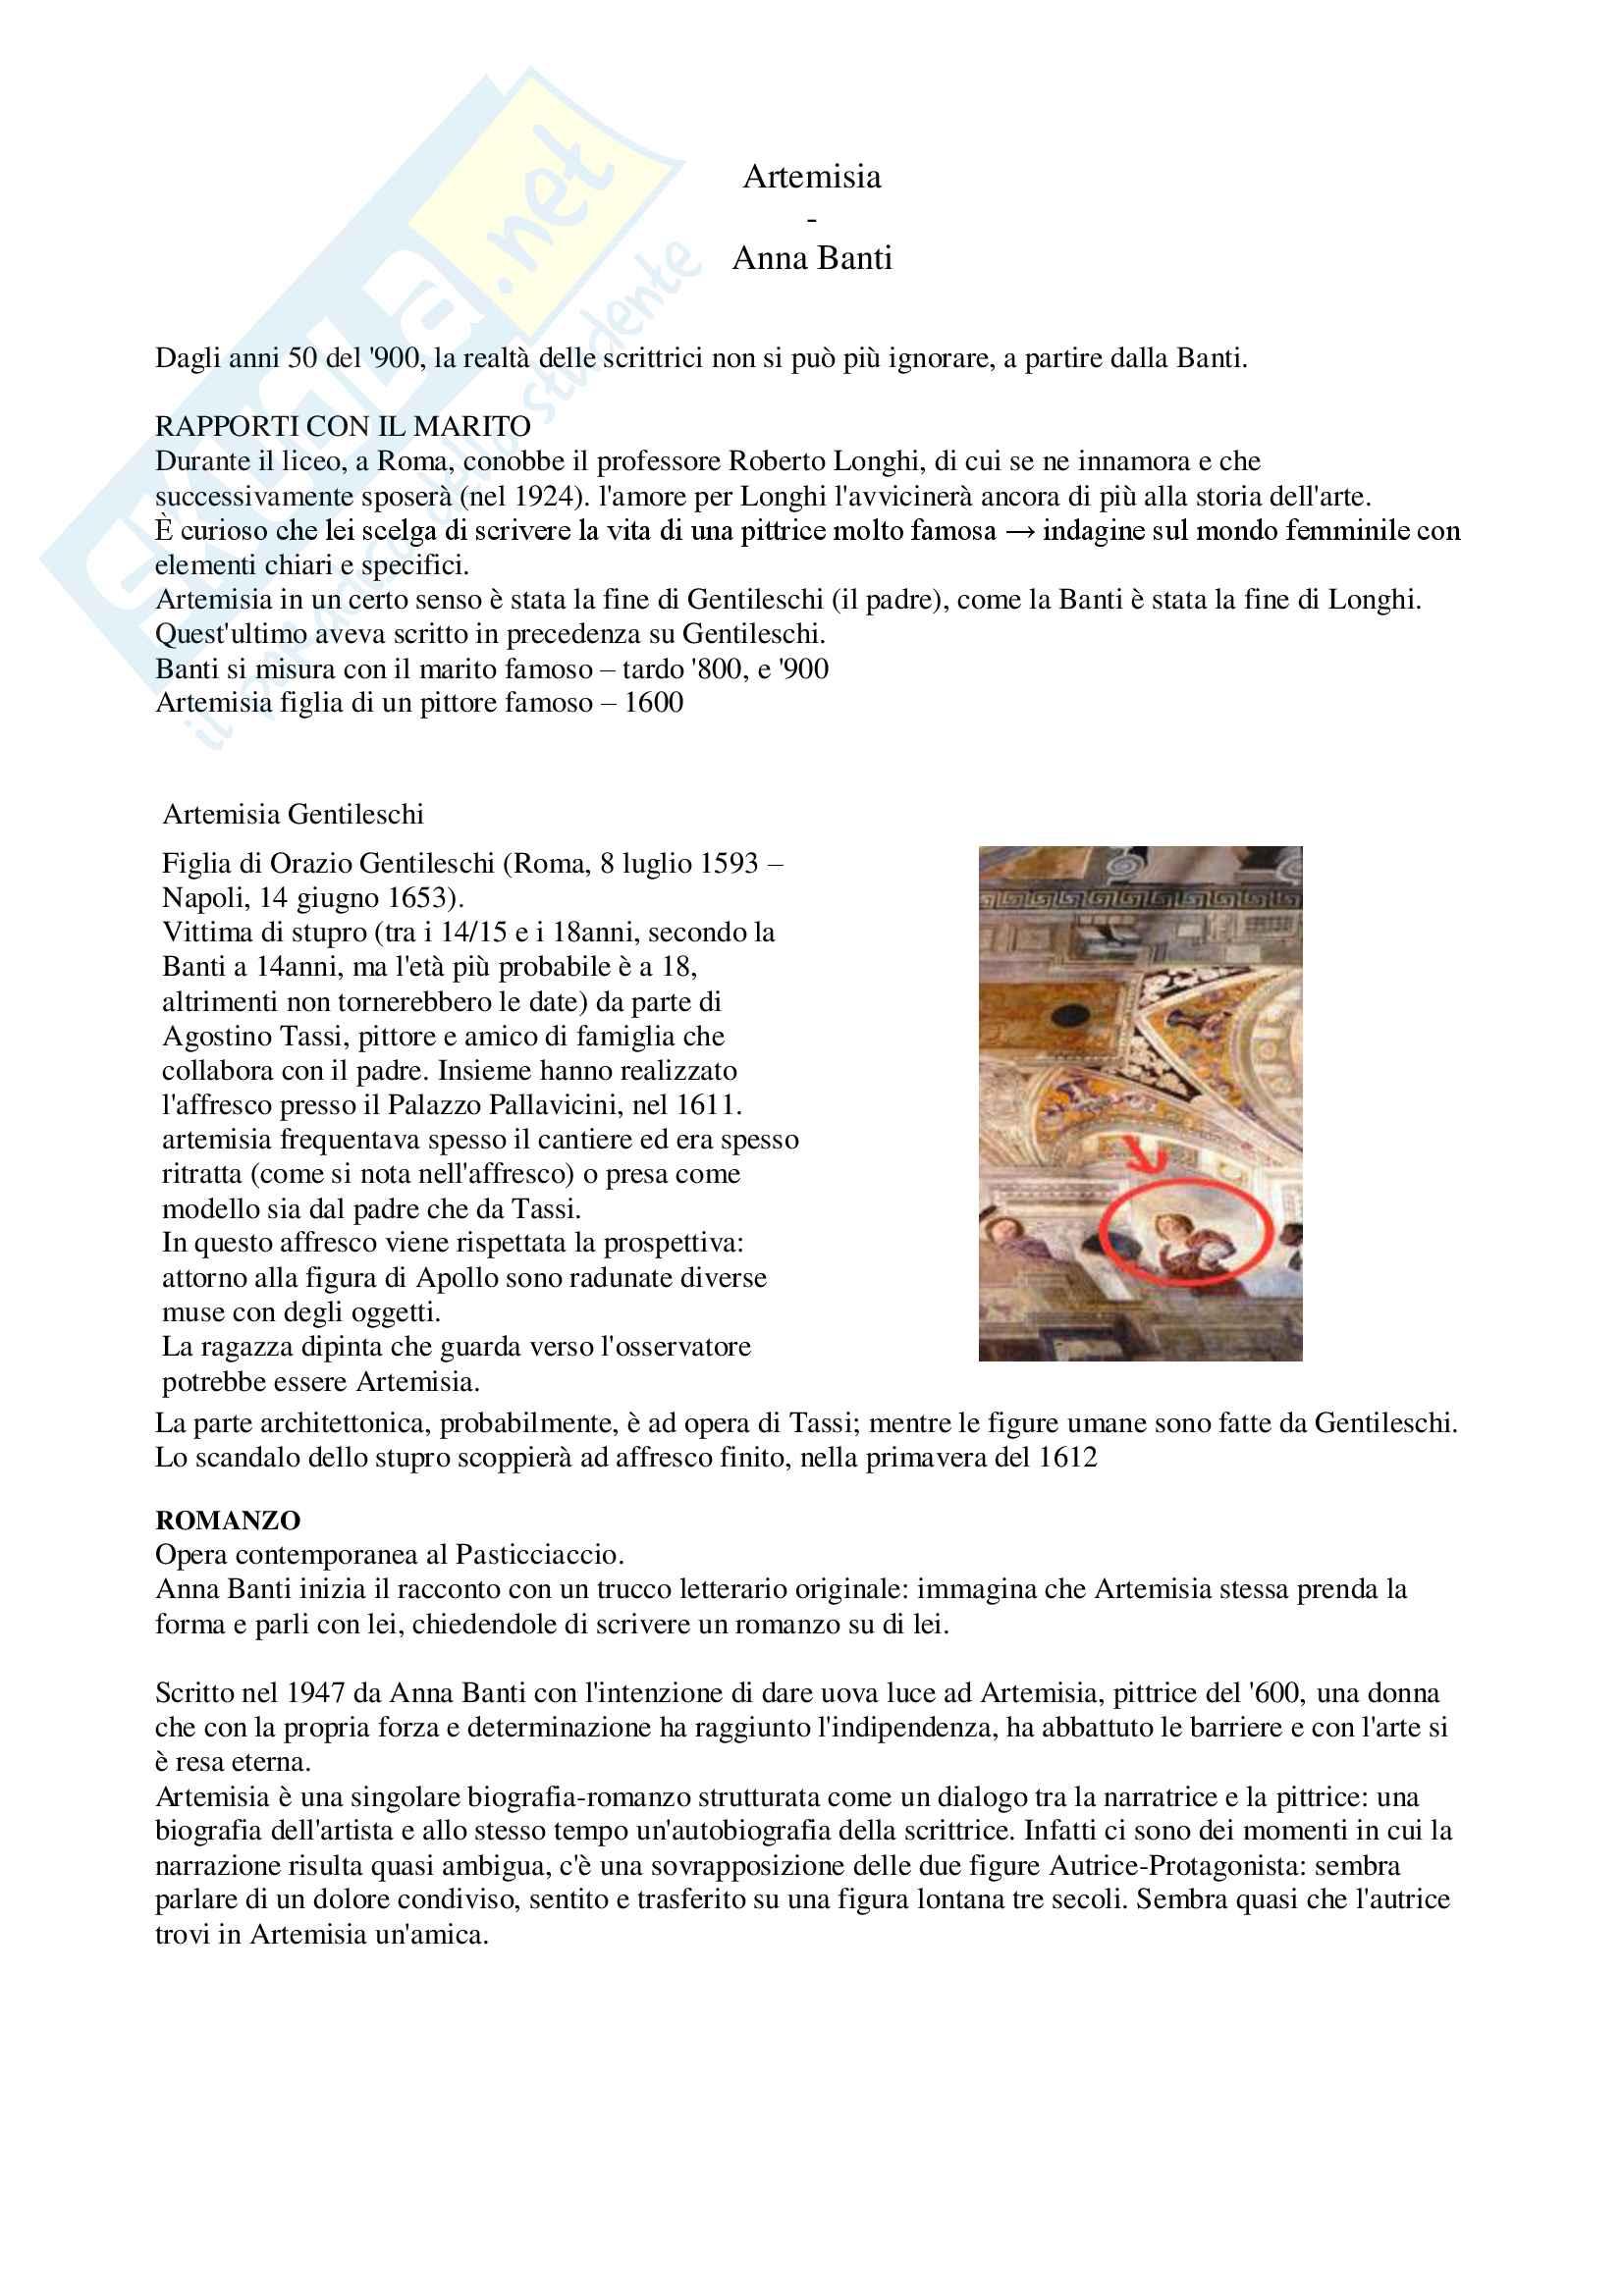 """Riassunto esame letteratura italiana contemporanea, prof. Bazzocchi, libro consigliato """"Artemisia"""" - Anna Banti"""